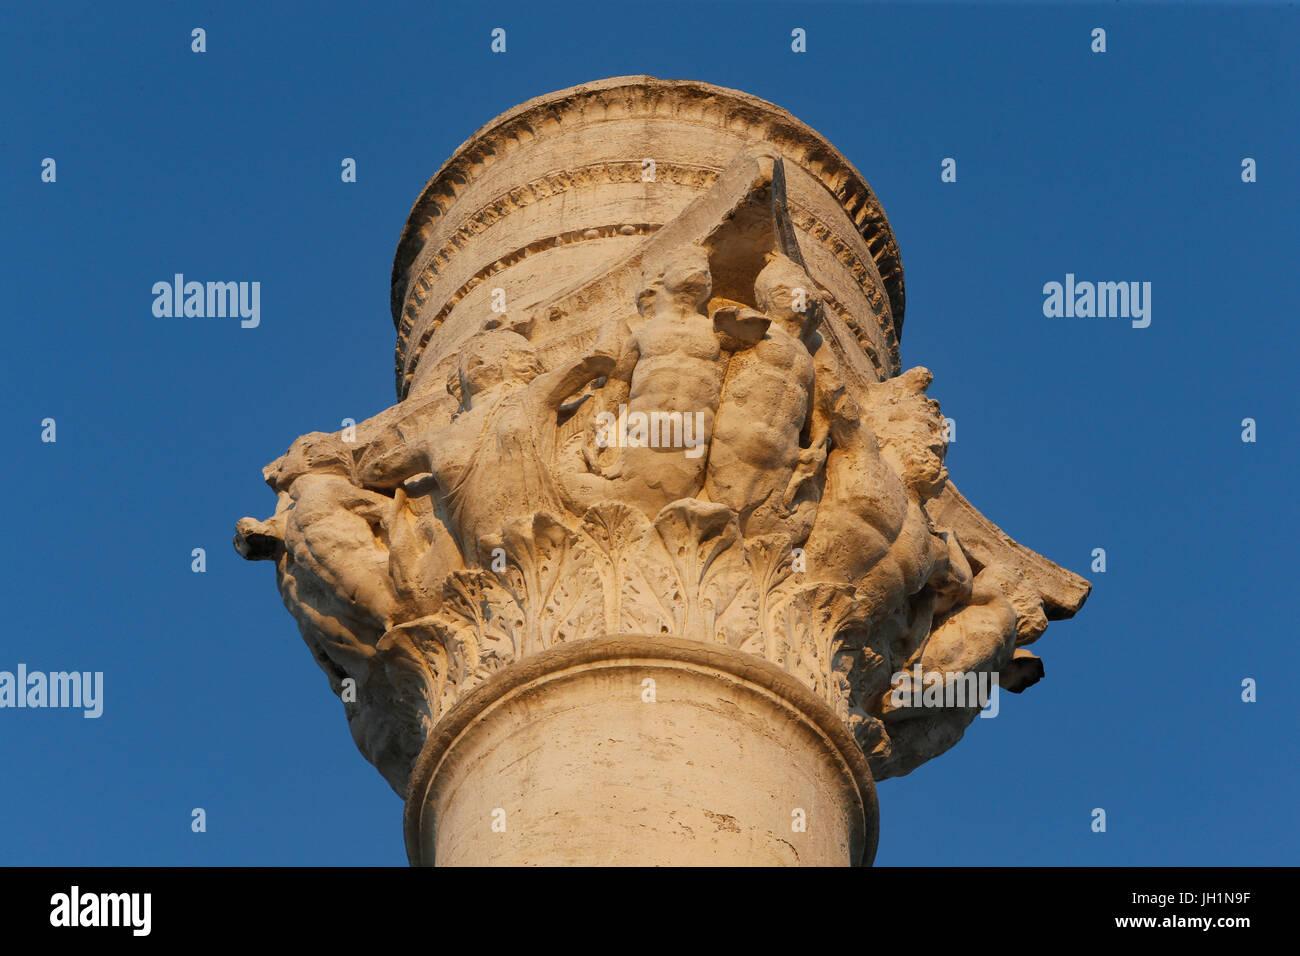 Colonna Romana di Brindisi. L'Italia. Immagini Stock